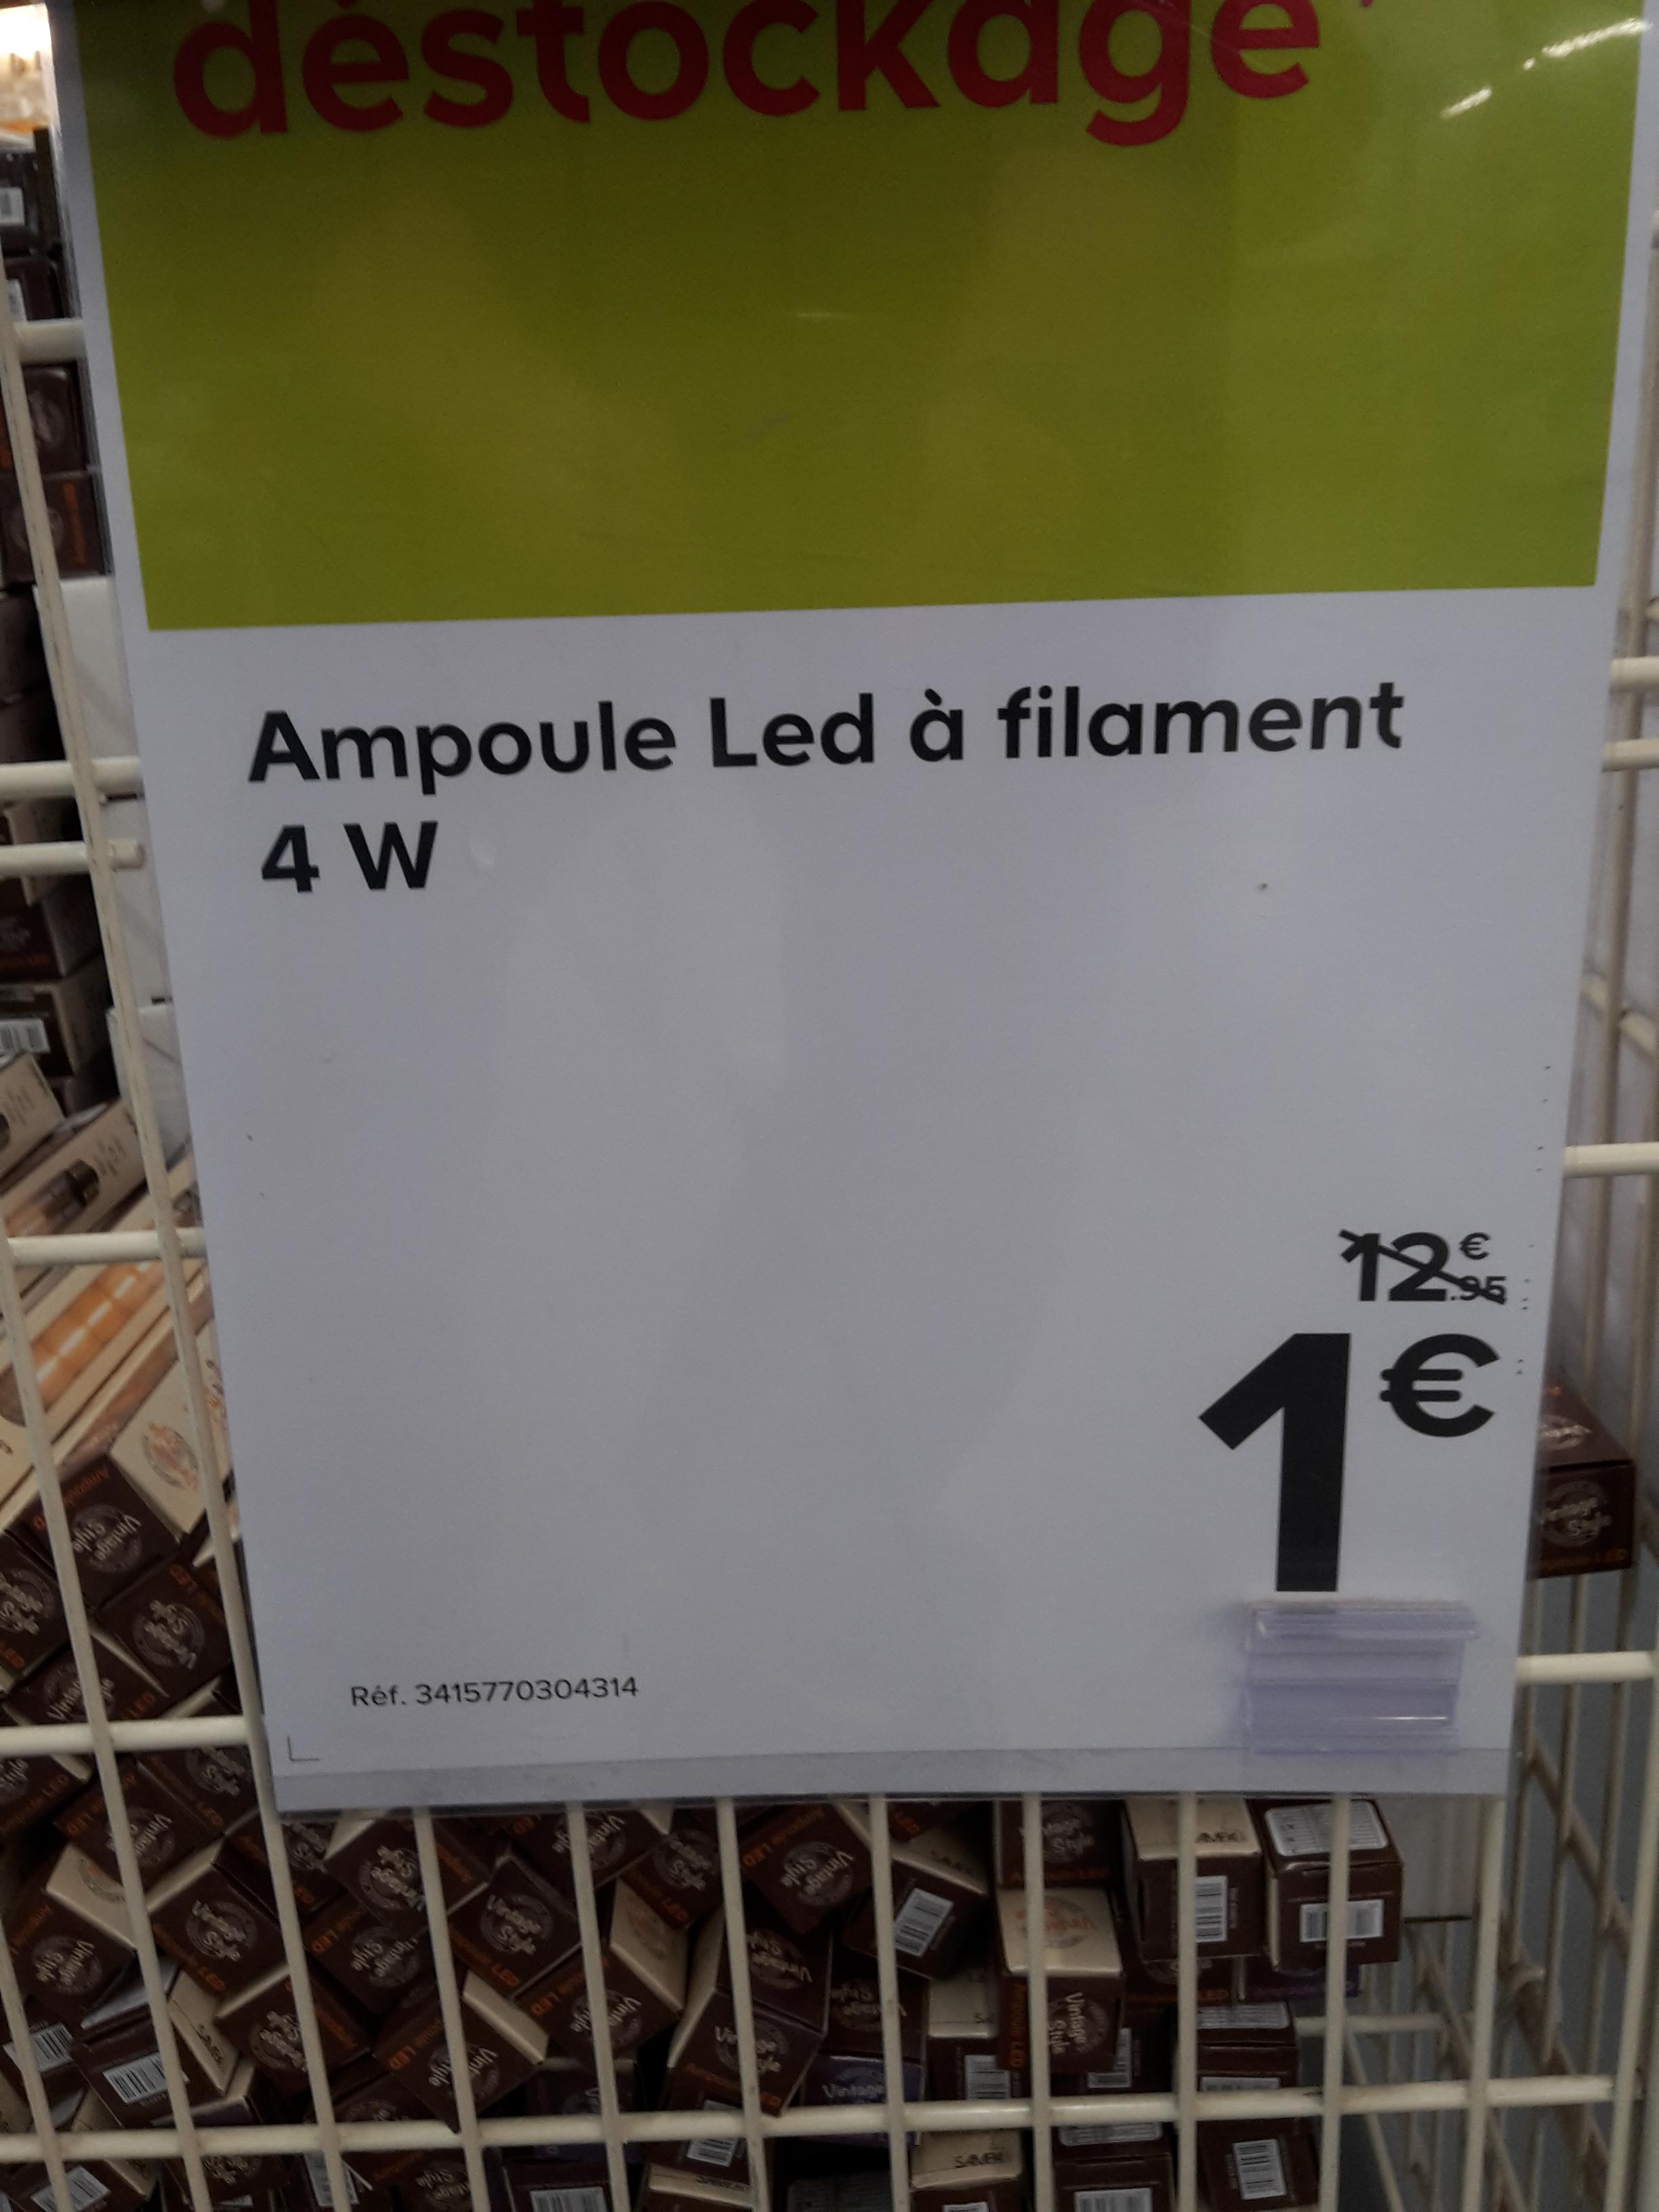 Ampoule à led à filament - 4W, Castorama Anglet (64)